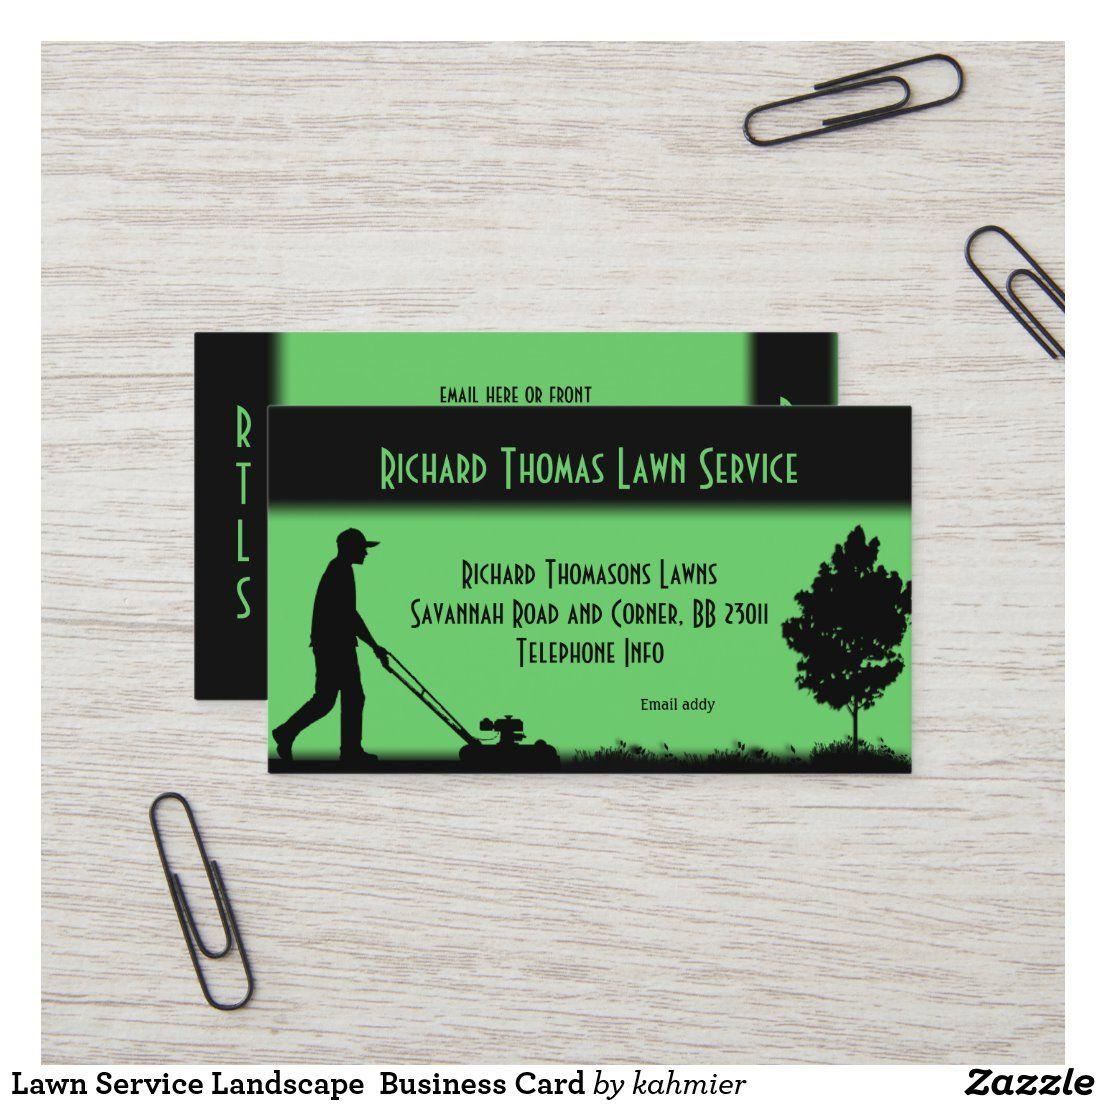 Lawn Service Landscape Business Card Estándar, 8,9cm x 5